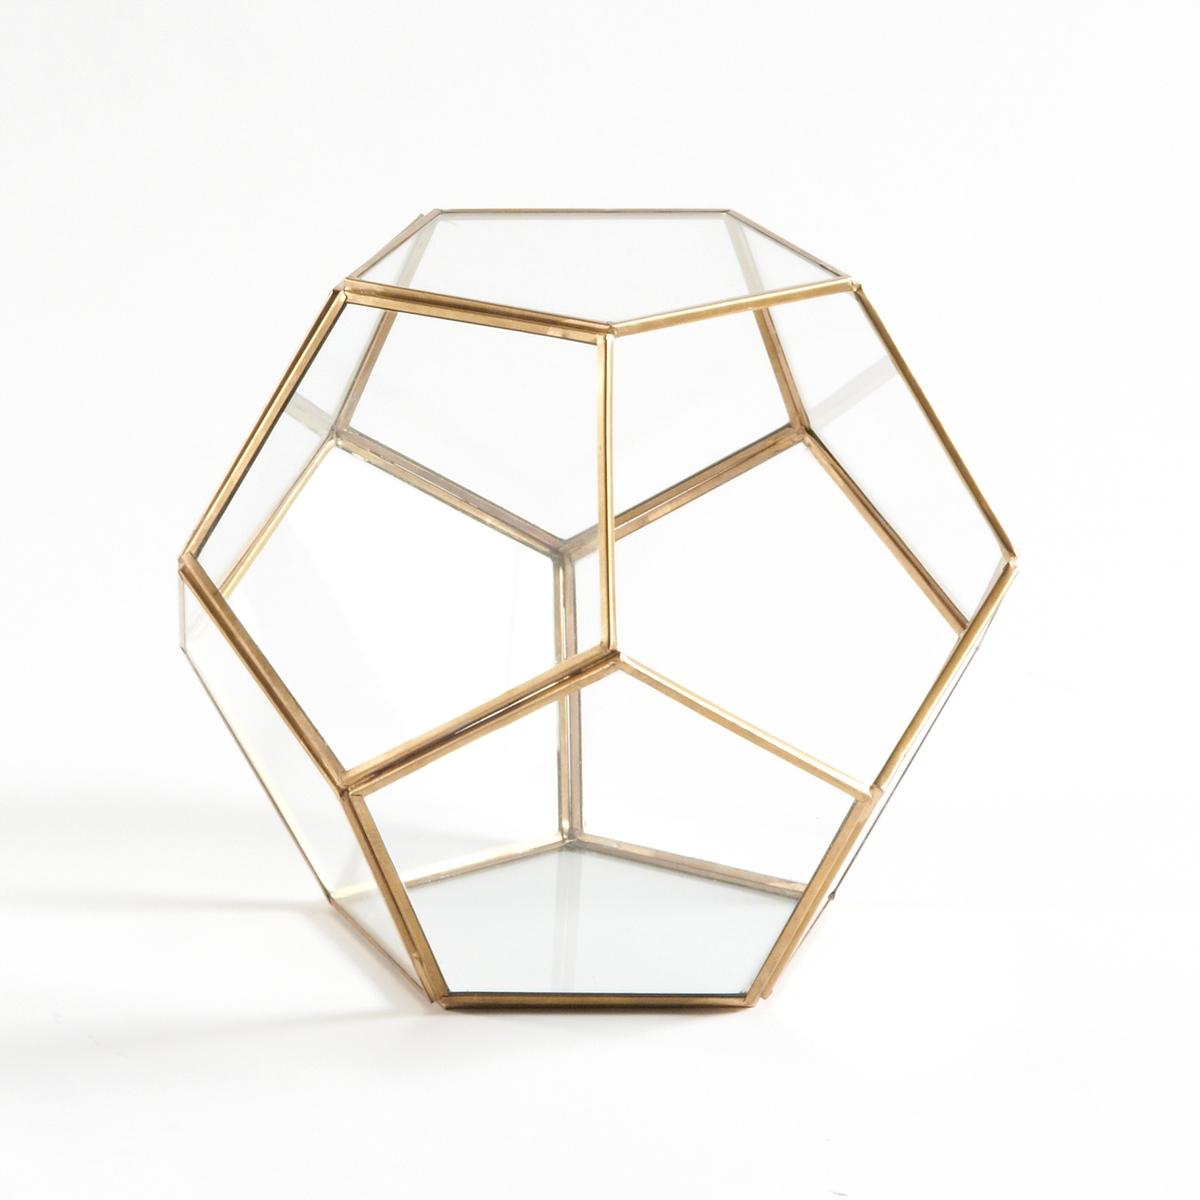 Террариум из стекла и металла, UyovaХарактеристики террариума из стекла и металла Uyova :Грани из прозрачного стекла. Каркас из металла с отделкой из латуни.Не подходит для содержания водыРазмеры террариума Uyova :24,5 x 24,5 x 21 см Размер и вес с упаковкой :1 упаковка33 x 33 x 29 см1,85 кг.<br><br>Цвет: латунь